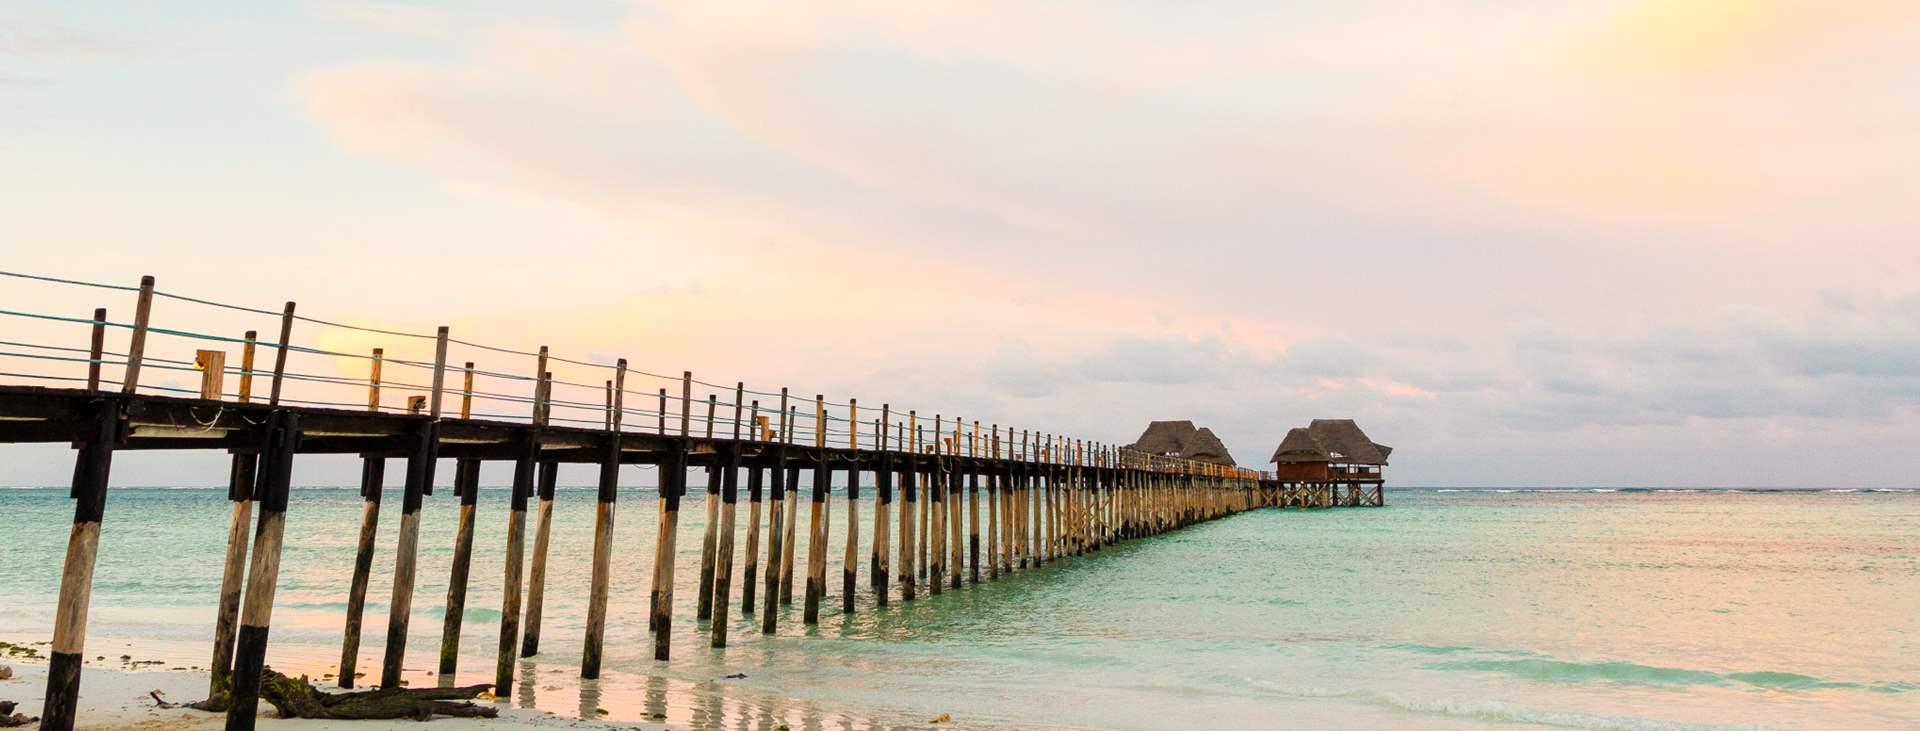 Bestill en reise med fly og hotell til Tanzania